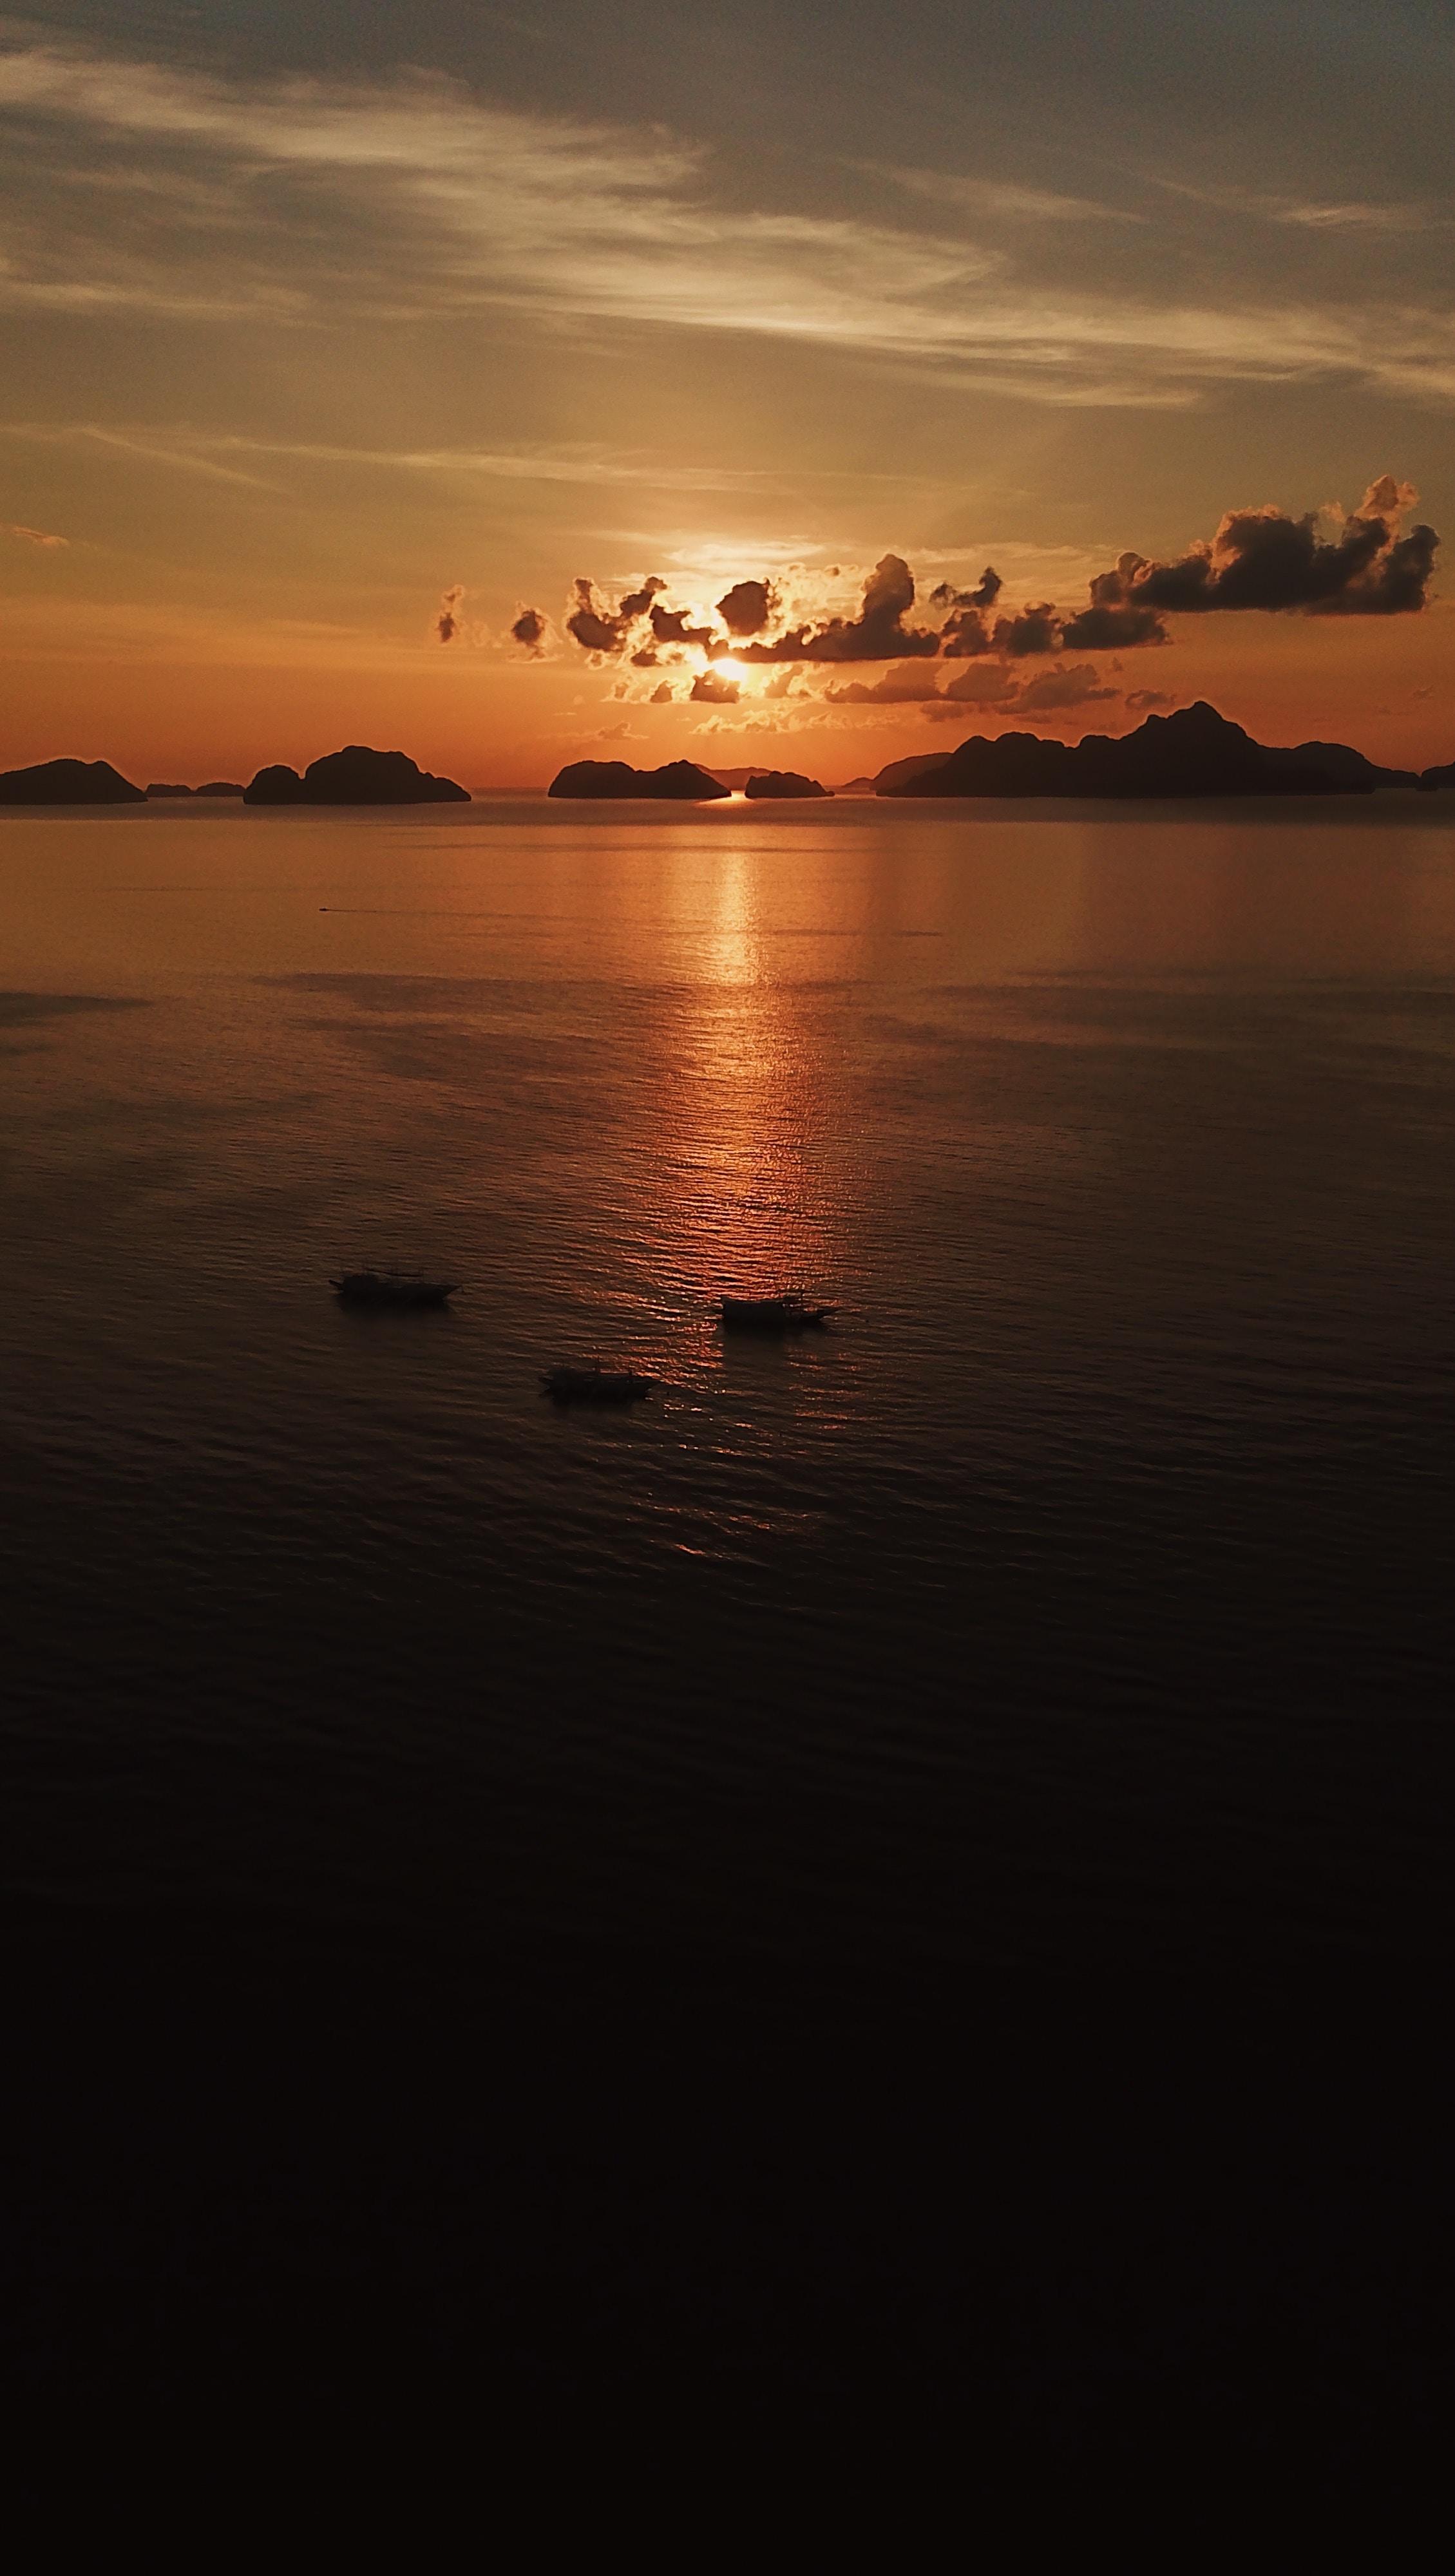 132560 скачать обои Темные, Море, Закат, Лодки, Вид Сверху, Сумерки, Темный - заставки и картинки бесплатно